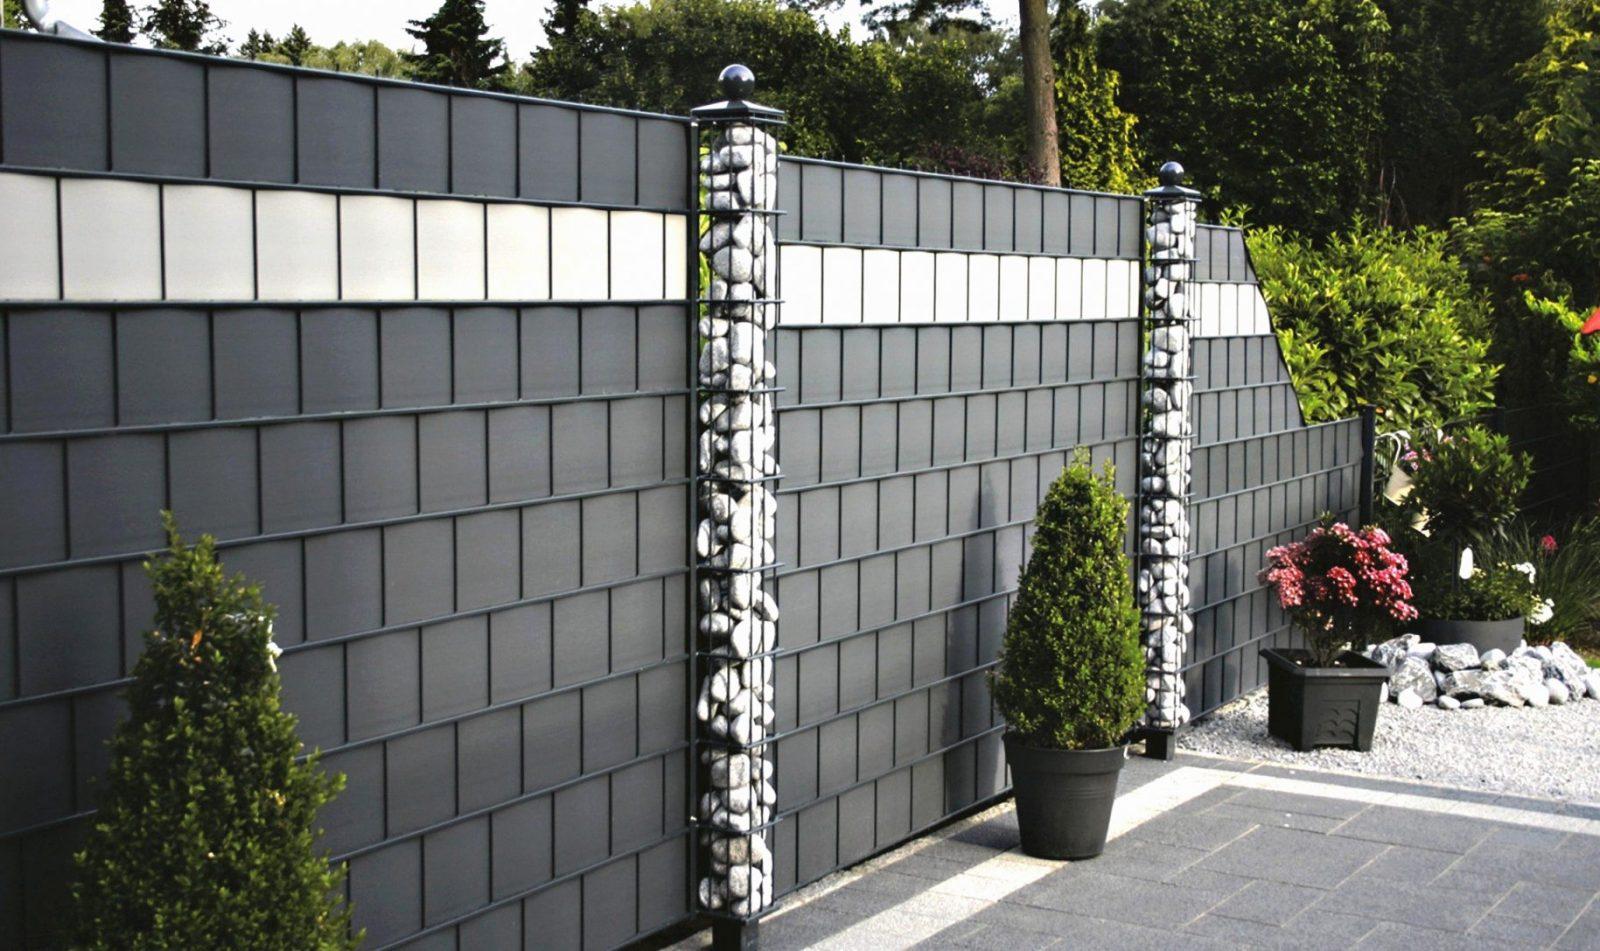 Holzzaun Am Hang Bauen Luxus Gartenzaun Selber Bauen Inspirierend von Holzzaun Am Hang Bauen Photo